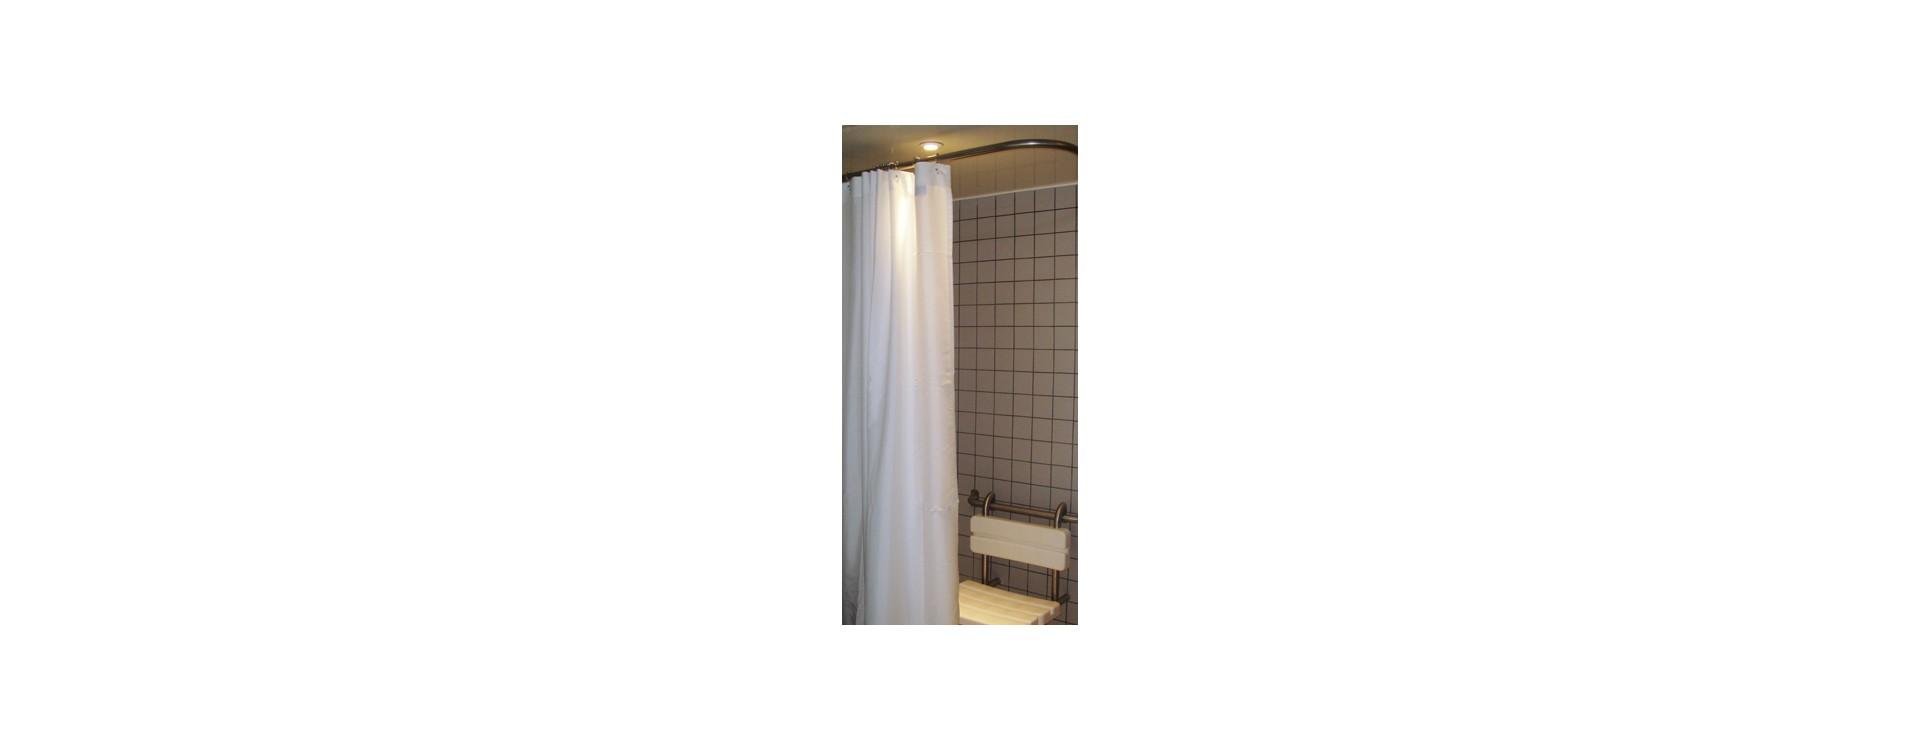 galbobain quipe les douches italiennes de mon stade galbobain. Black Bedroom Furniture Sets. Home Design Ideas